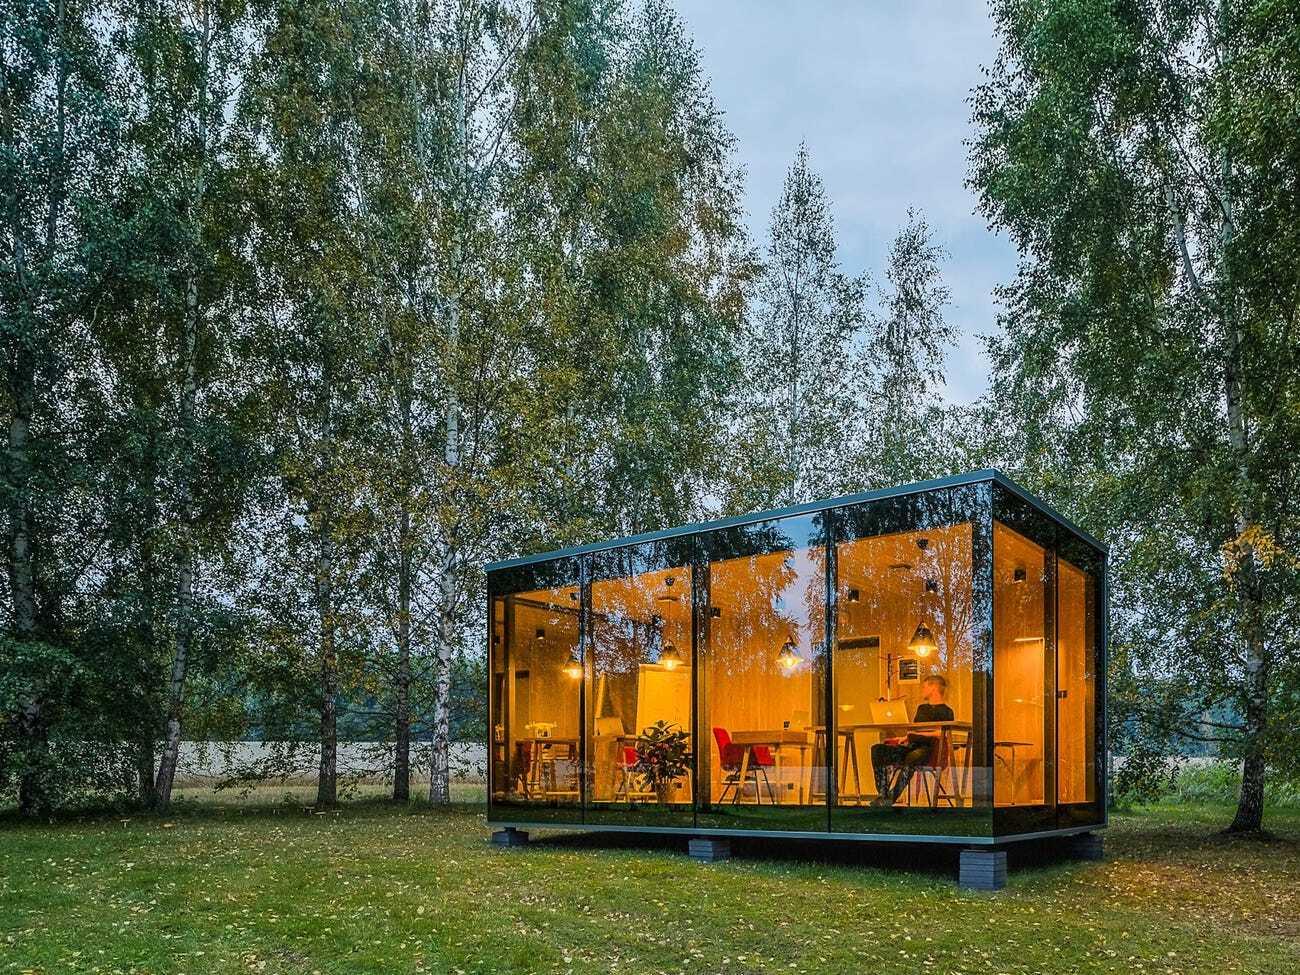 Эстонская компания создала «офис в коробке», который можно разместить где угодно